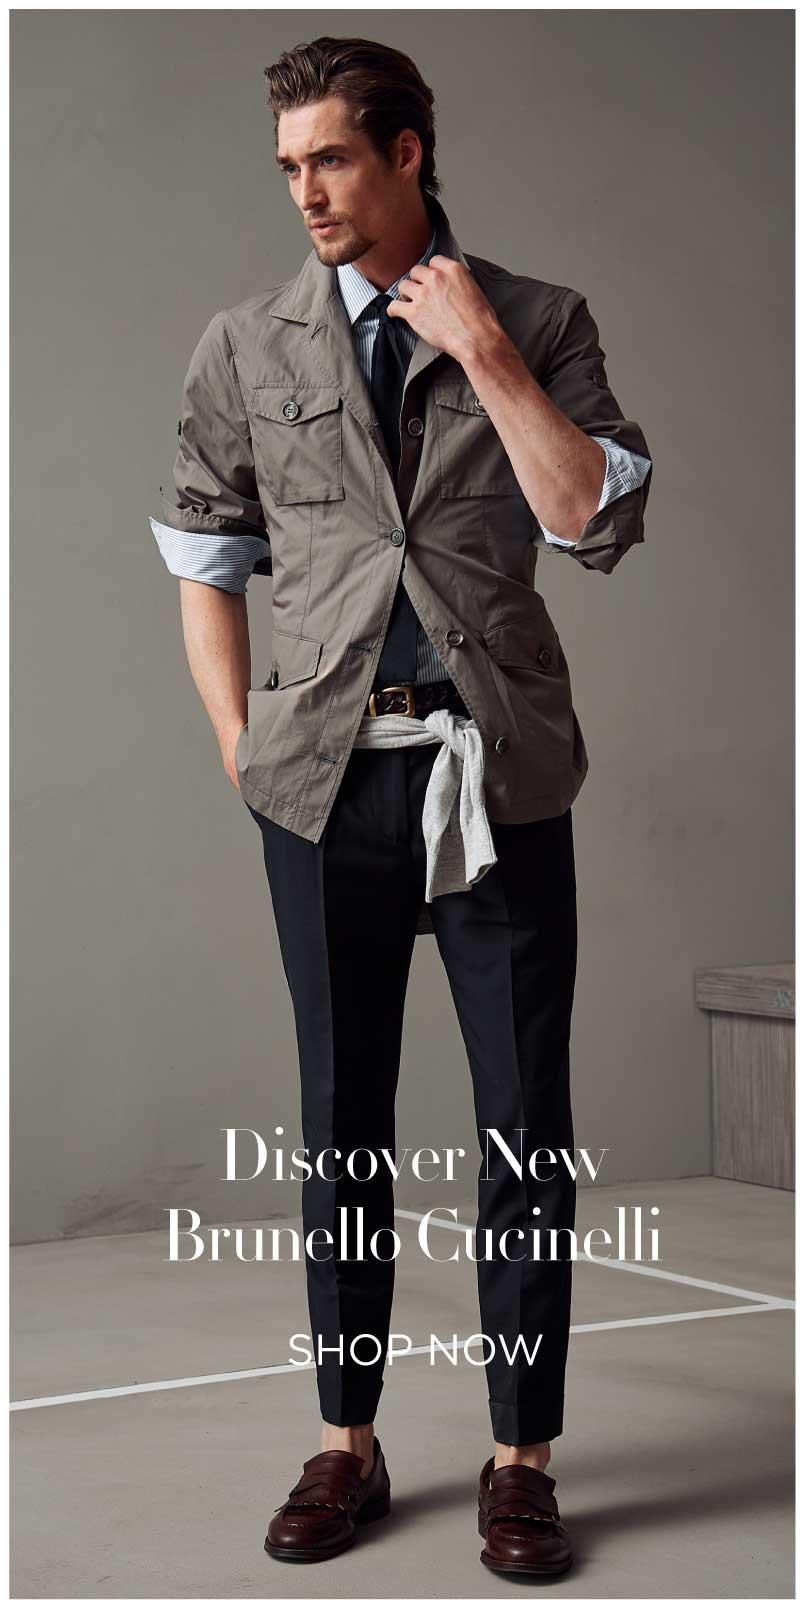 Discover New Brunello Cucinelli